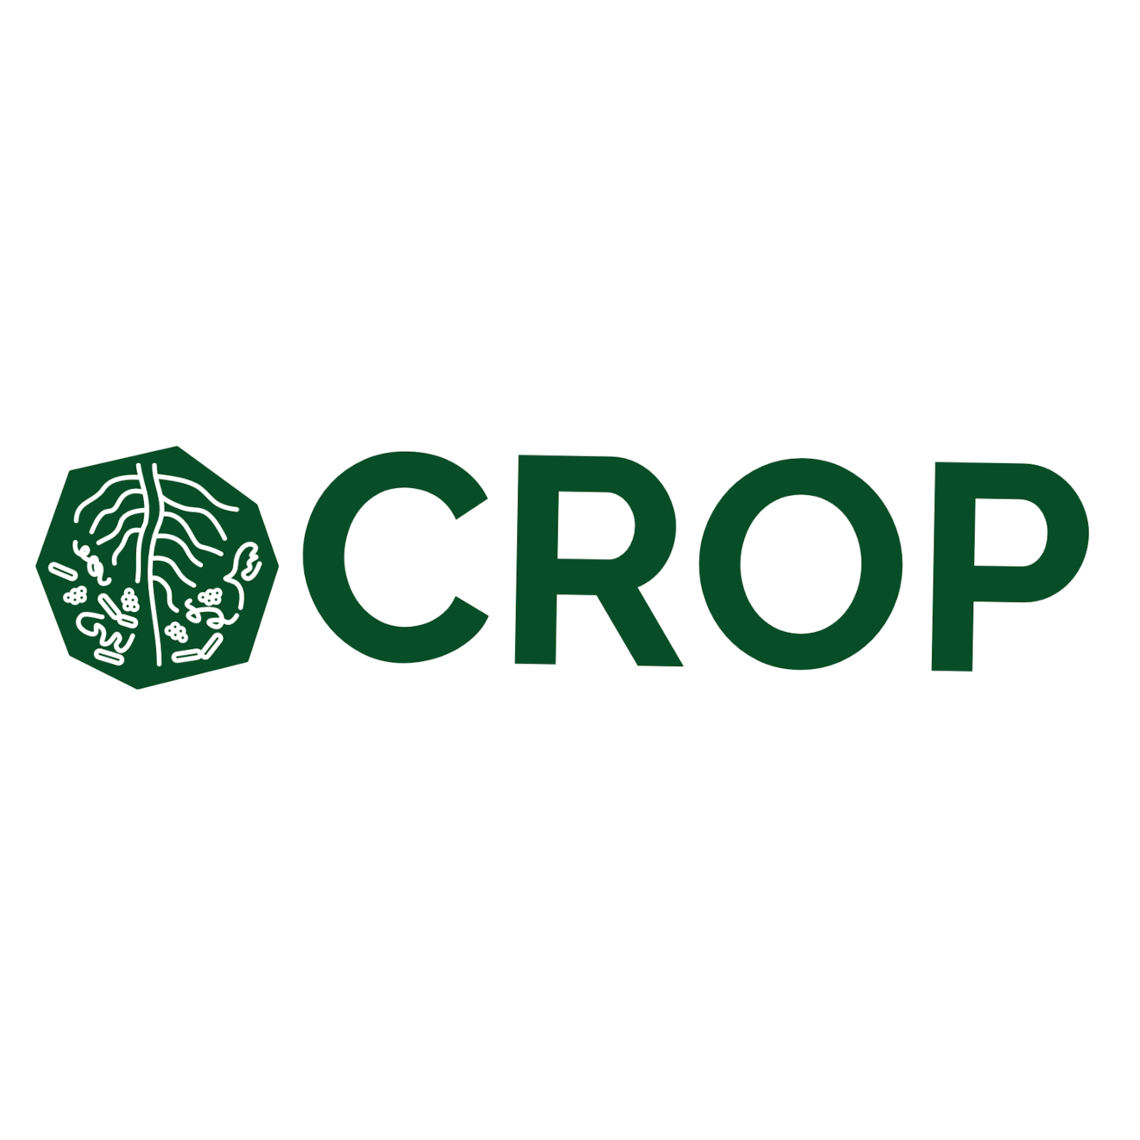 crop project logo rhizo